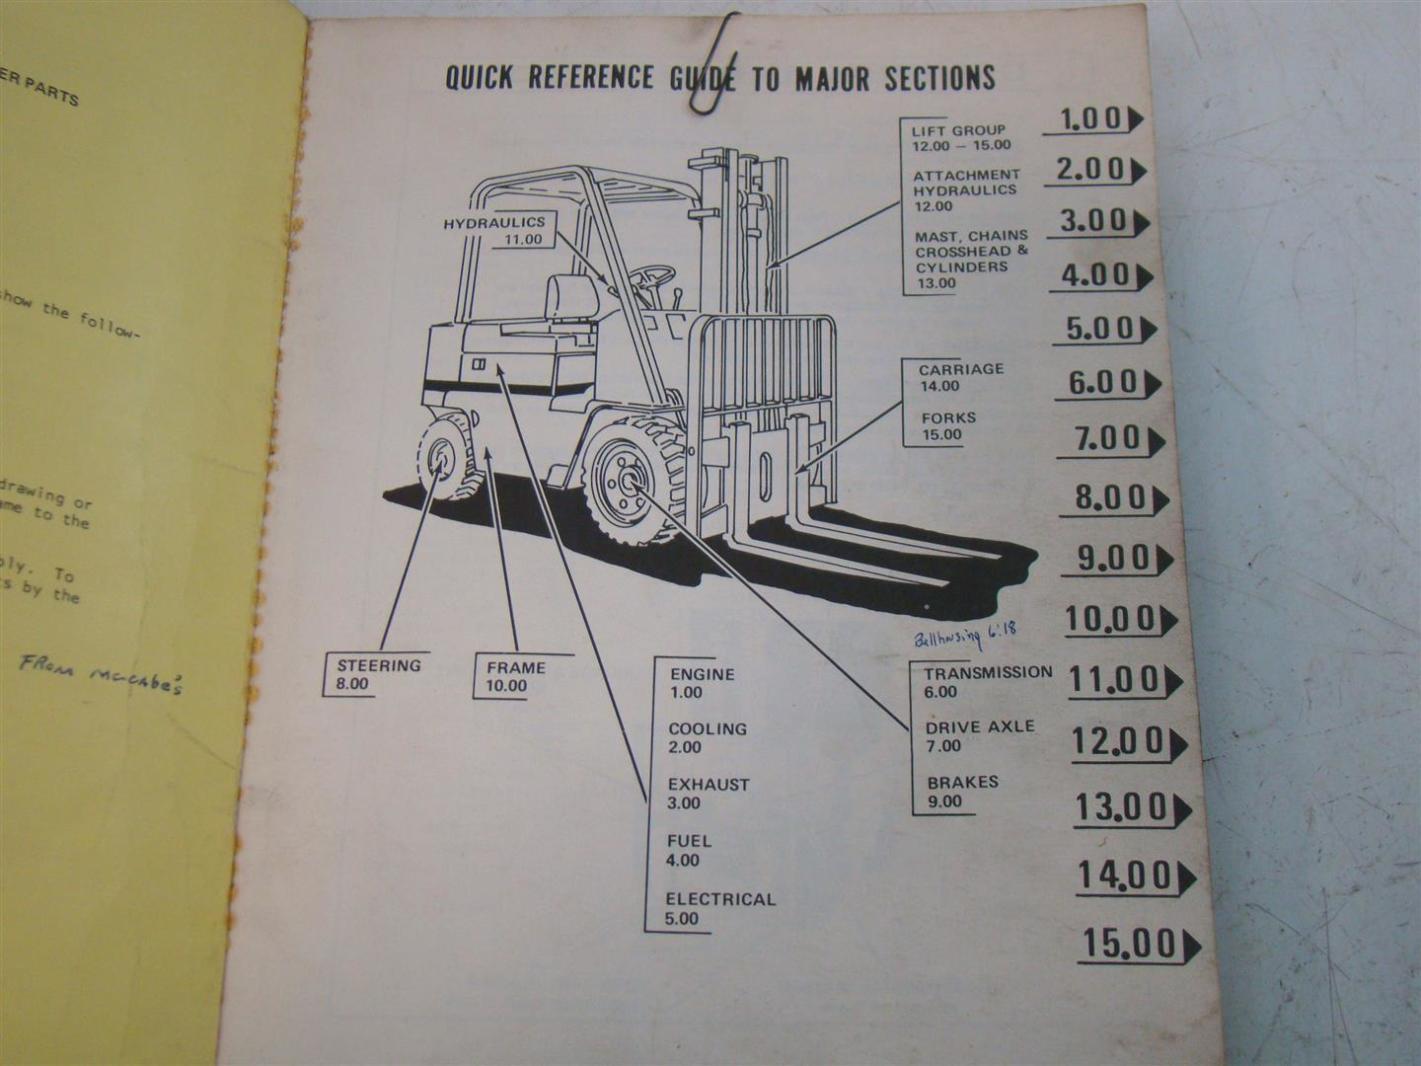 V40c Service manual